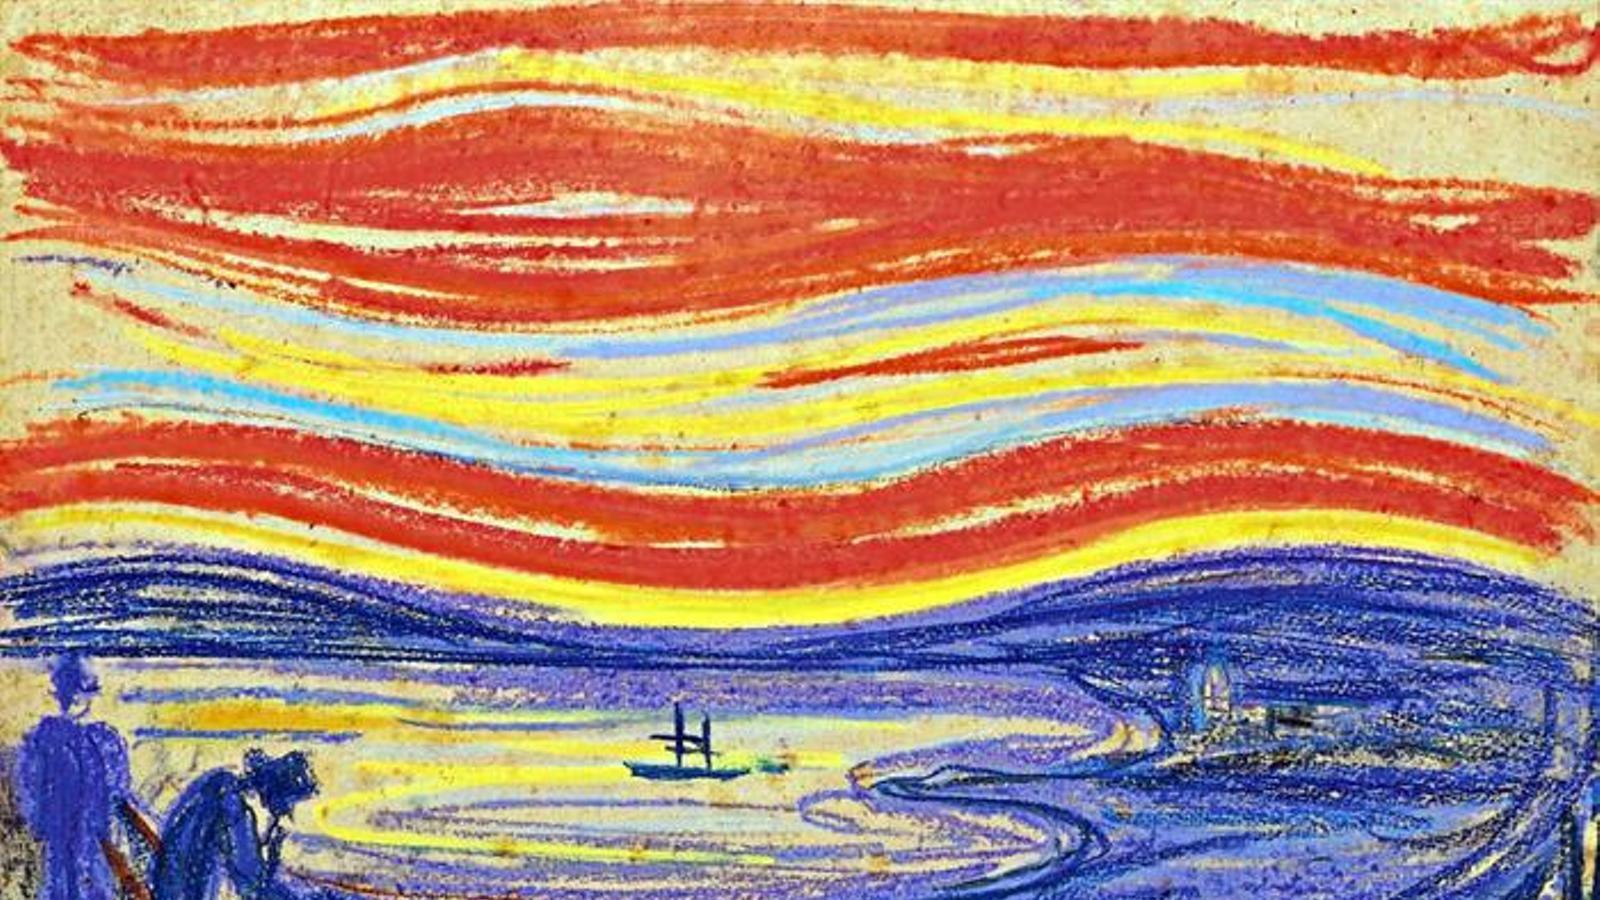 'El crit' de Munch es transforma en el quadre més car del món en una subhasta a Sotheby's de Nova York